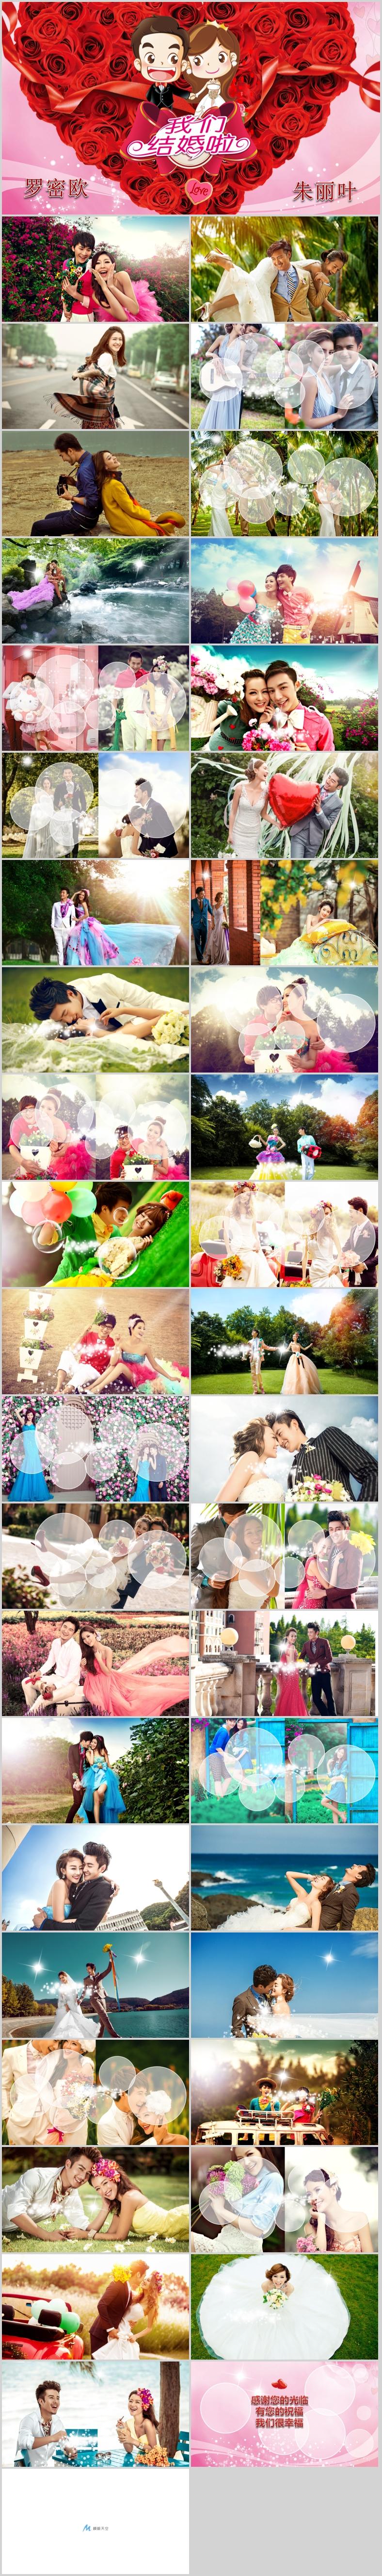 浪漫唯美的婚礼爱情电子相册展示PTT模板